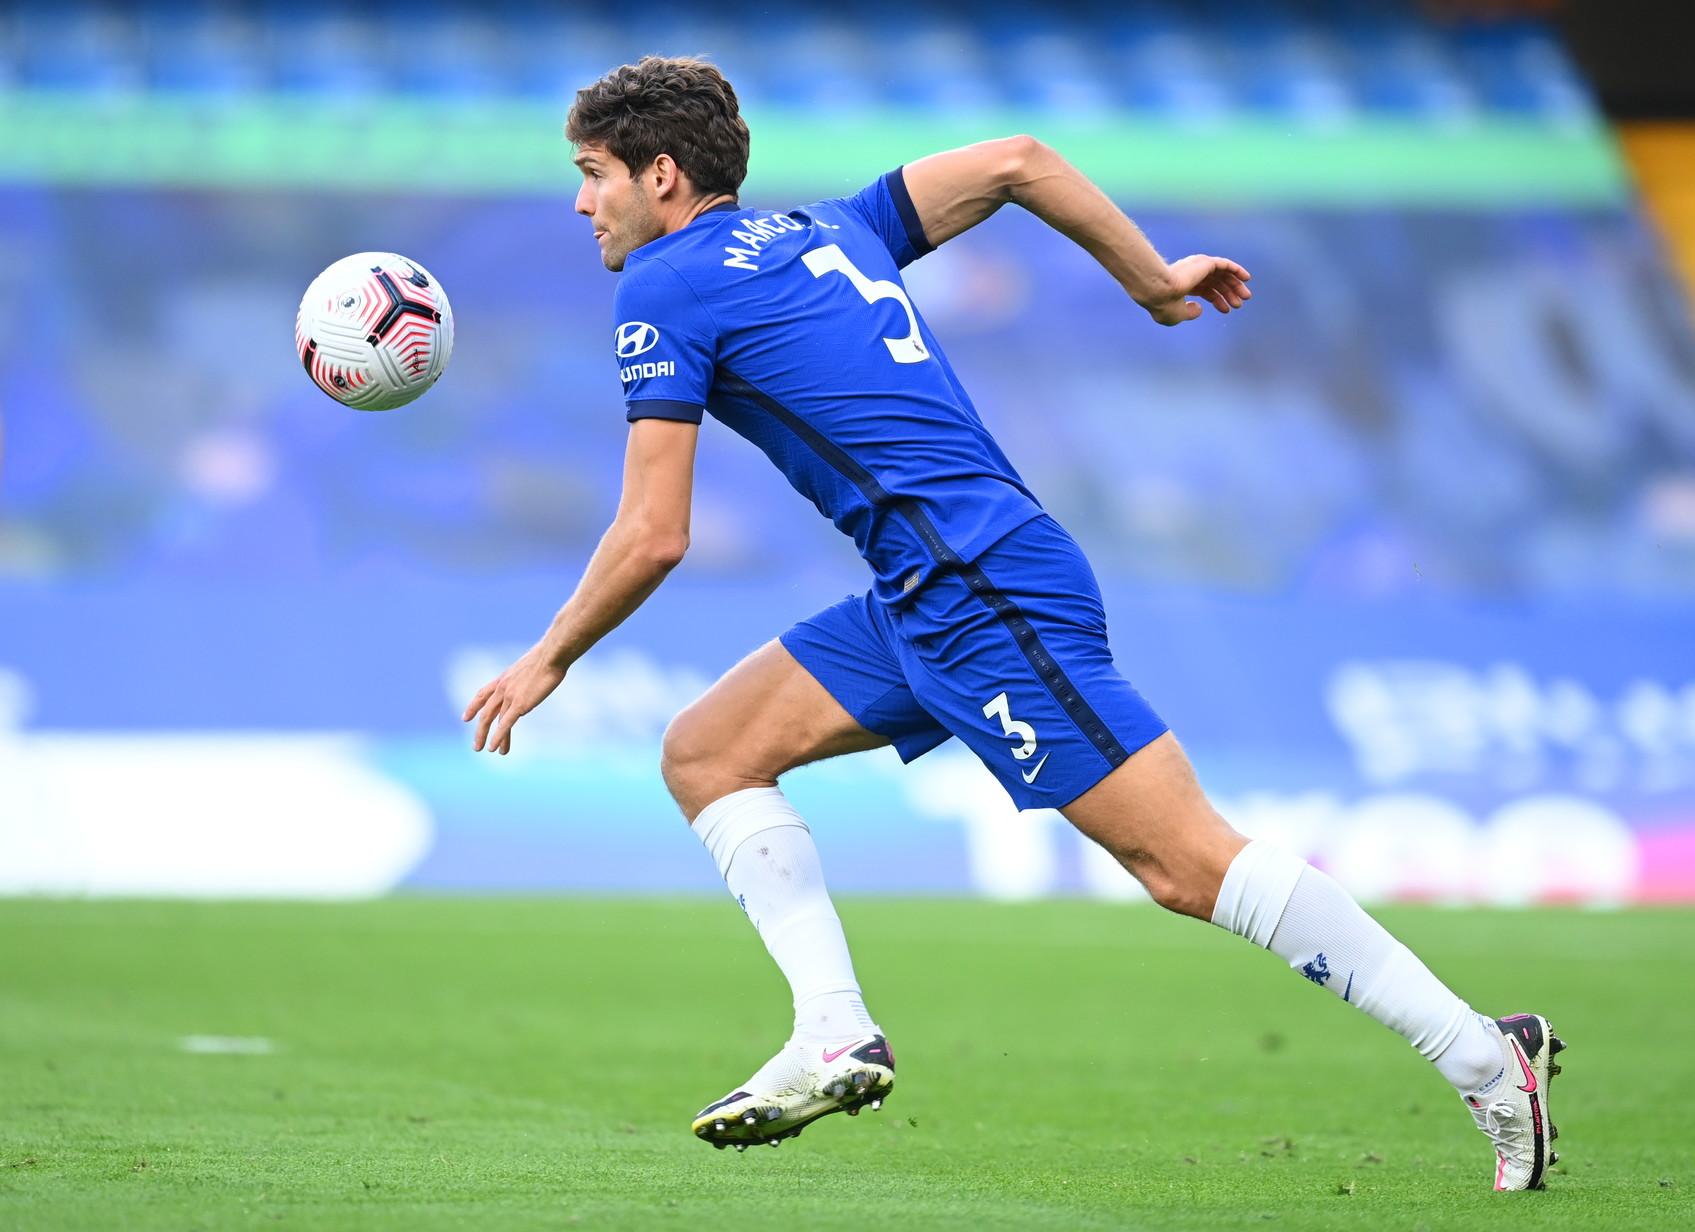 Marcos Alonso (Chelsea): l'Inter ci ha pensato sino all'ultimo giorno, ma senza l'addio di Nainggolan è sfumato il rinforzo che Conte attendeva per la fascia. Se ne riparlerà a genanio visto che con i Blues il rapporto è deteriorato